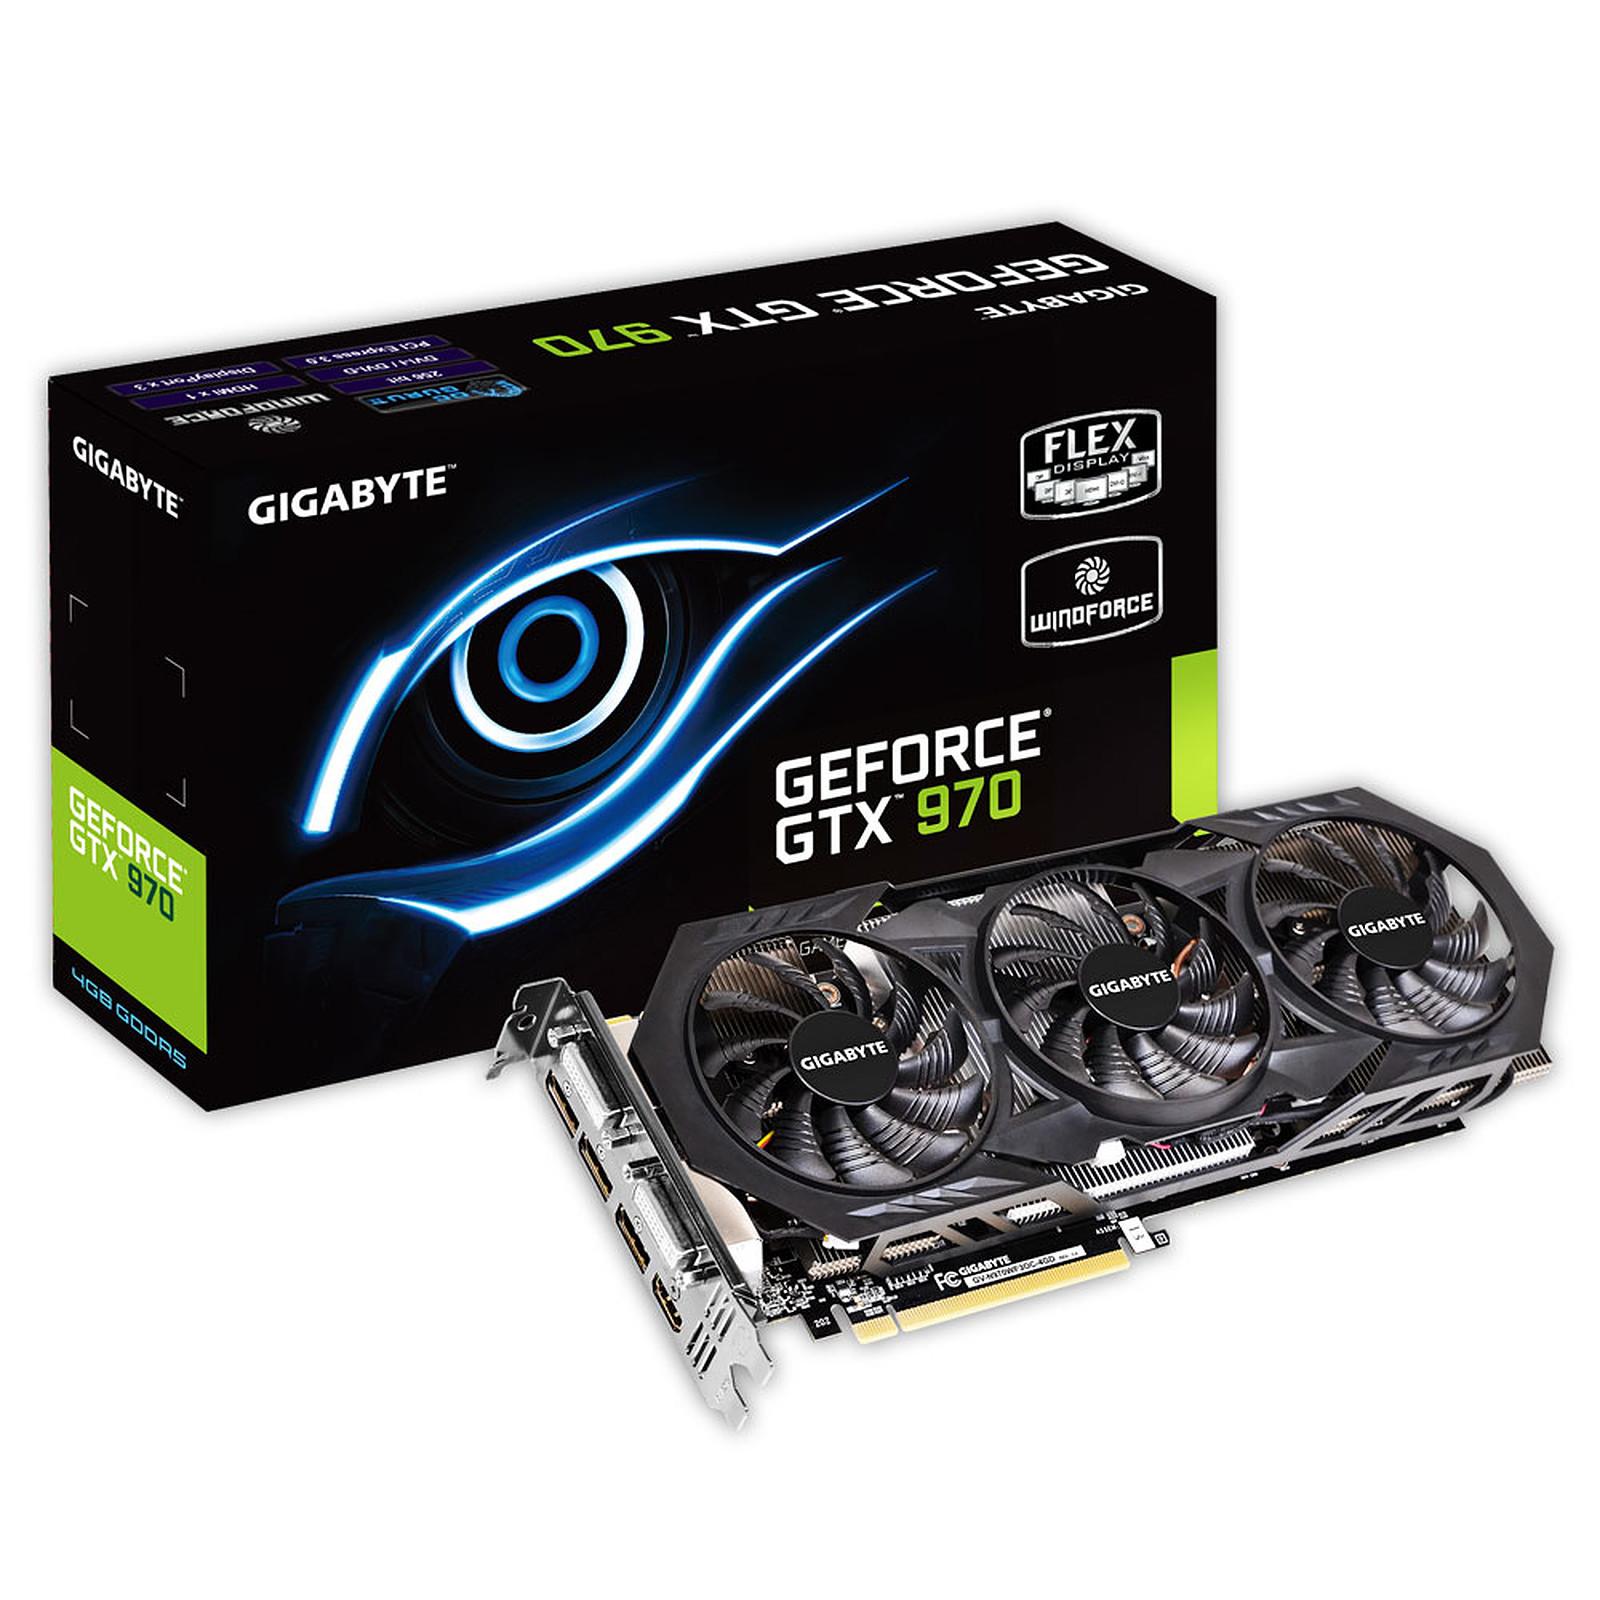 Gigabyte GV-N970WF3OC-4GD - GeForce GTX 970 4 GB